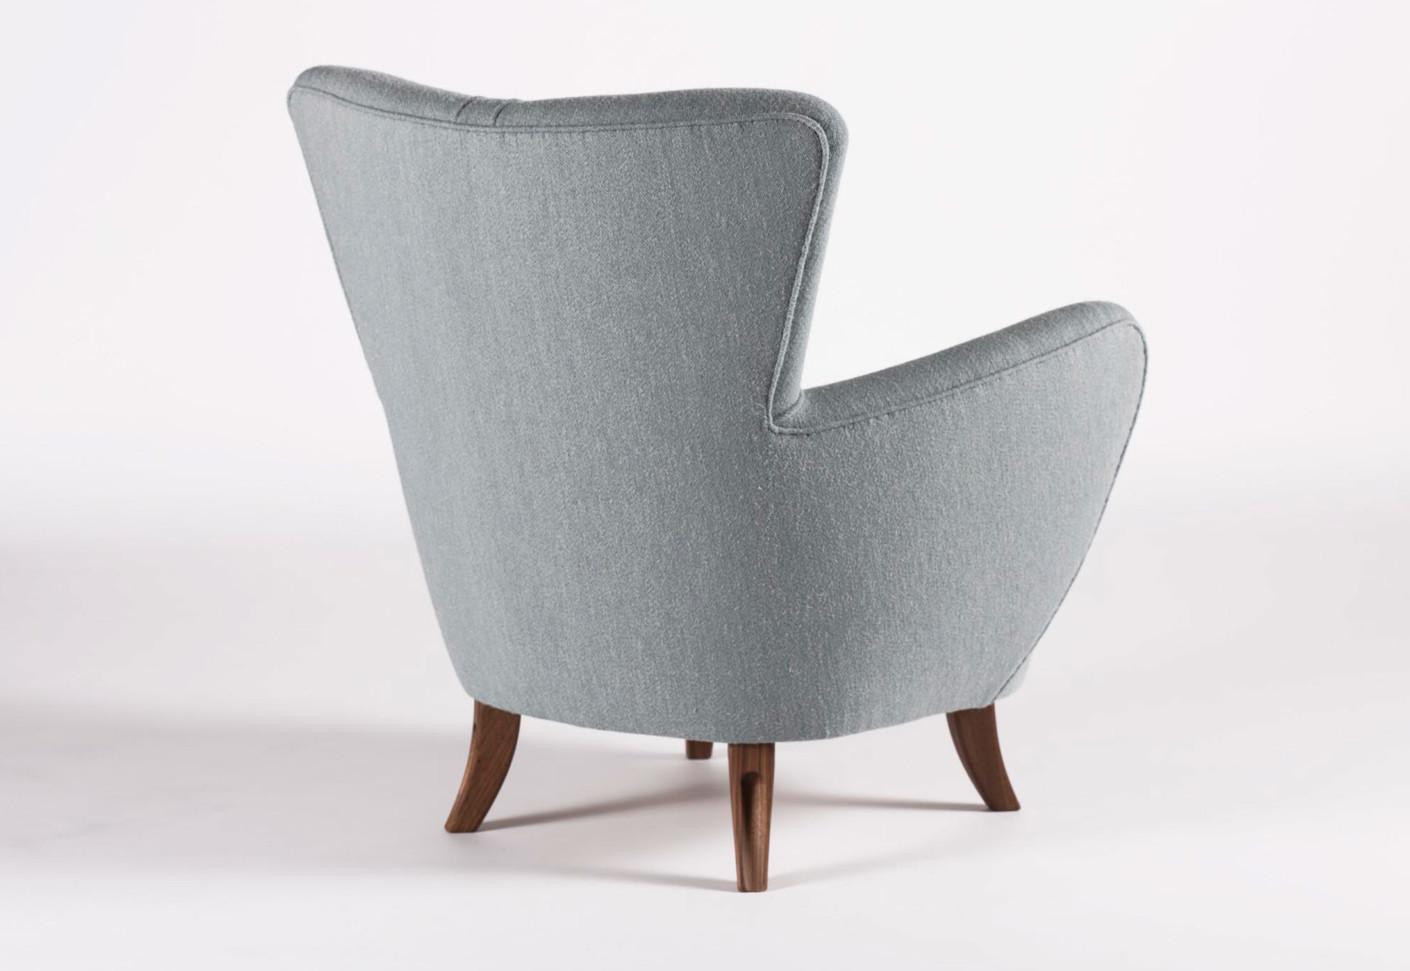 schwadron lowback sessel von wohnkultur 66 stylepark. Black Bedroom Furniture Sets. Home Design Ideas